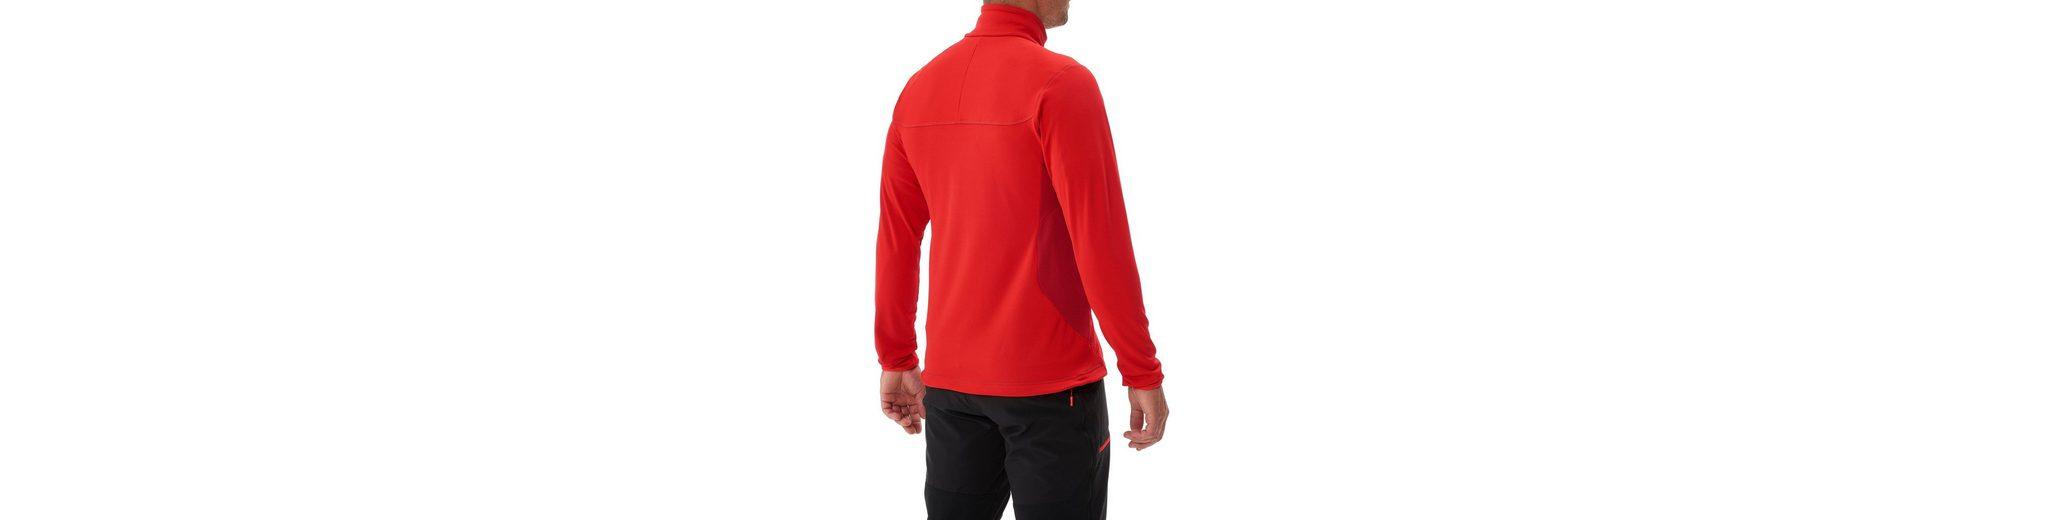 Millet Outdoorjacke Tech Stretch Light Jacket Men Versand Outlet-Store Online Billig Verkauf Besuch Neu Billige Sammlungen Verkauf Viele Arten Von DdzOc